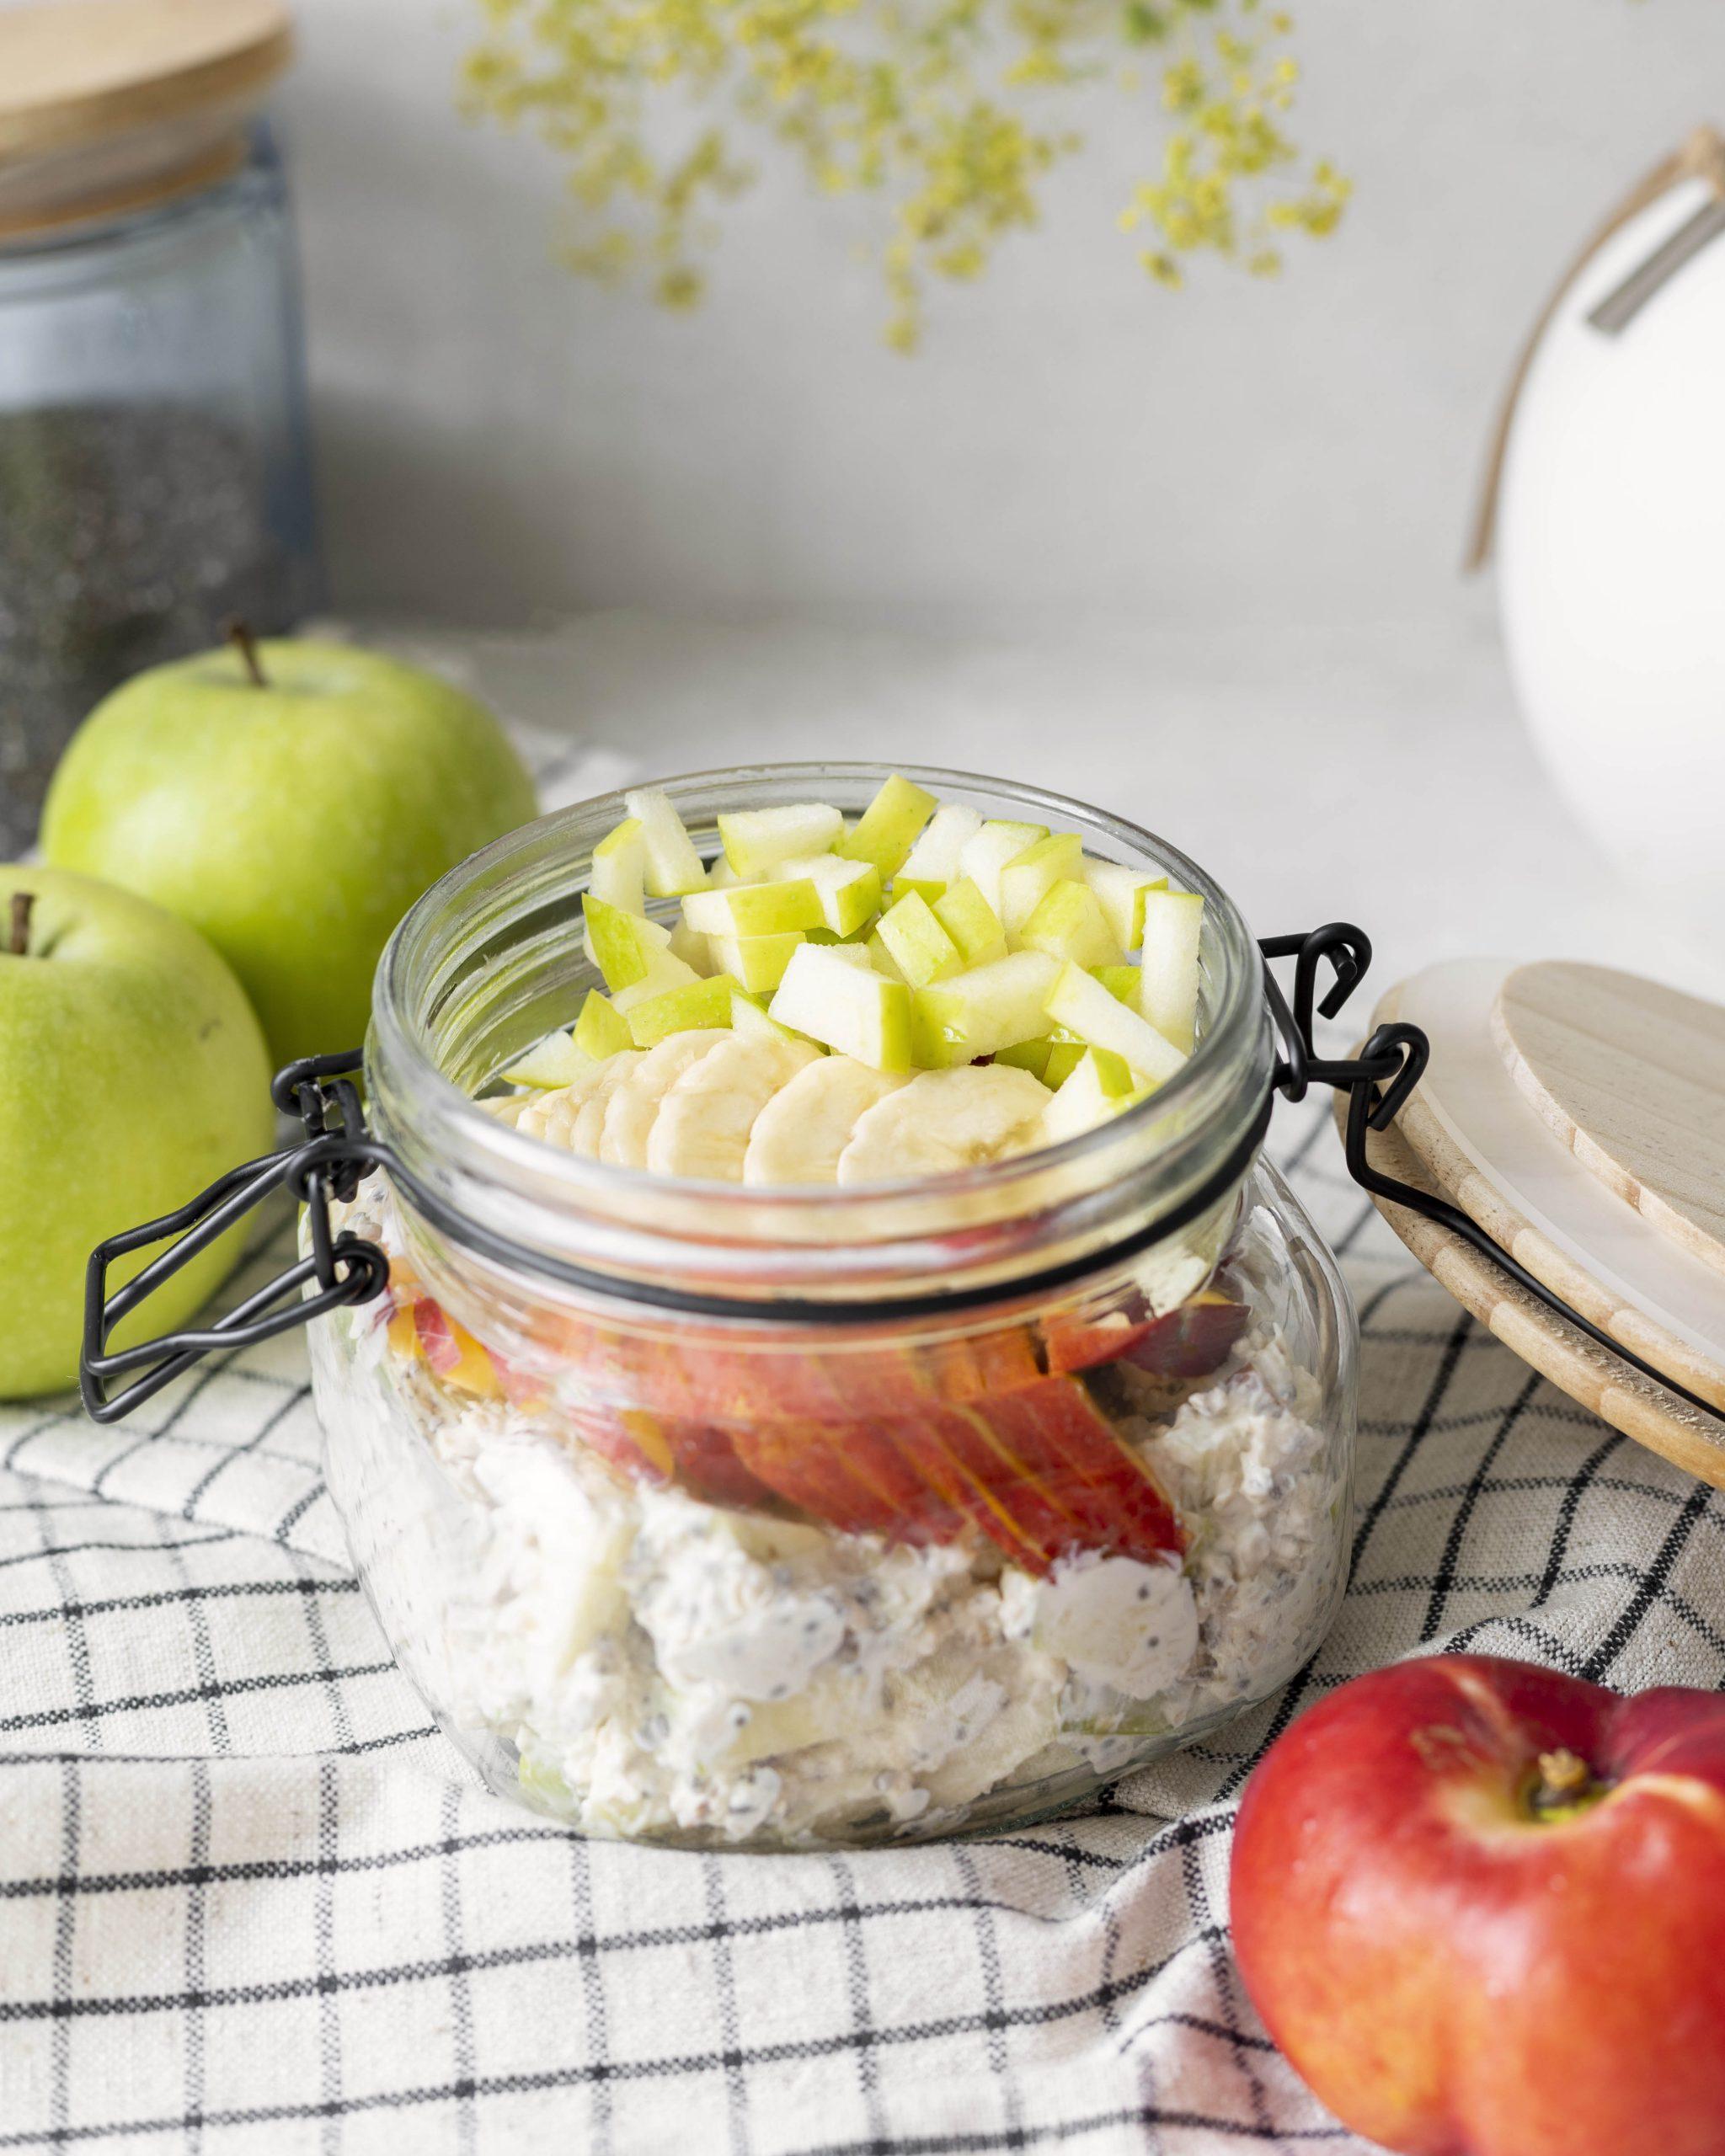 kaldur hafragrautur með grænum eplum